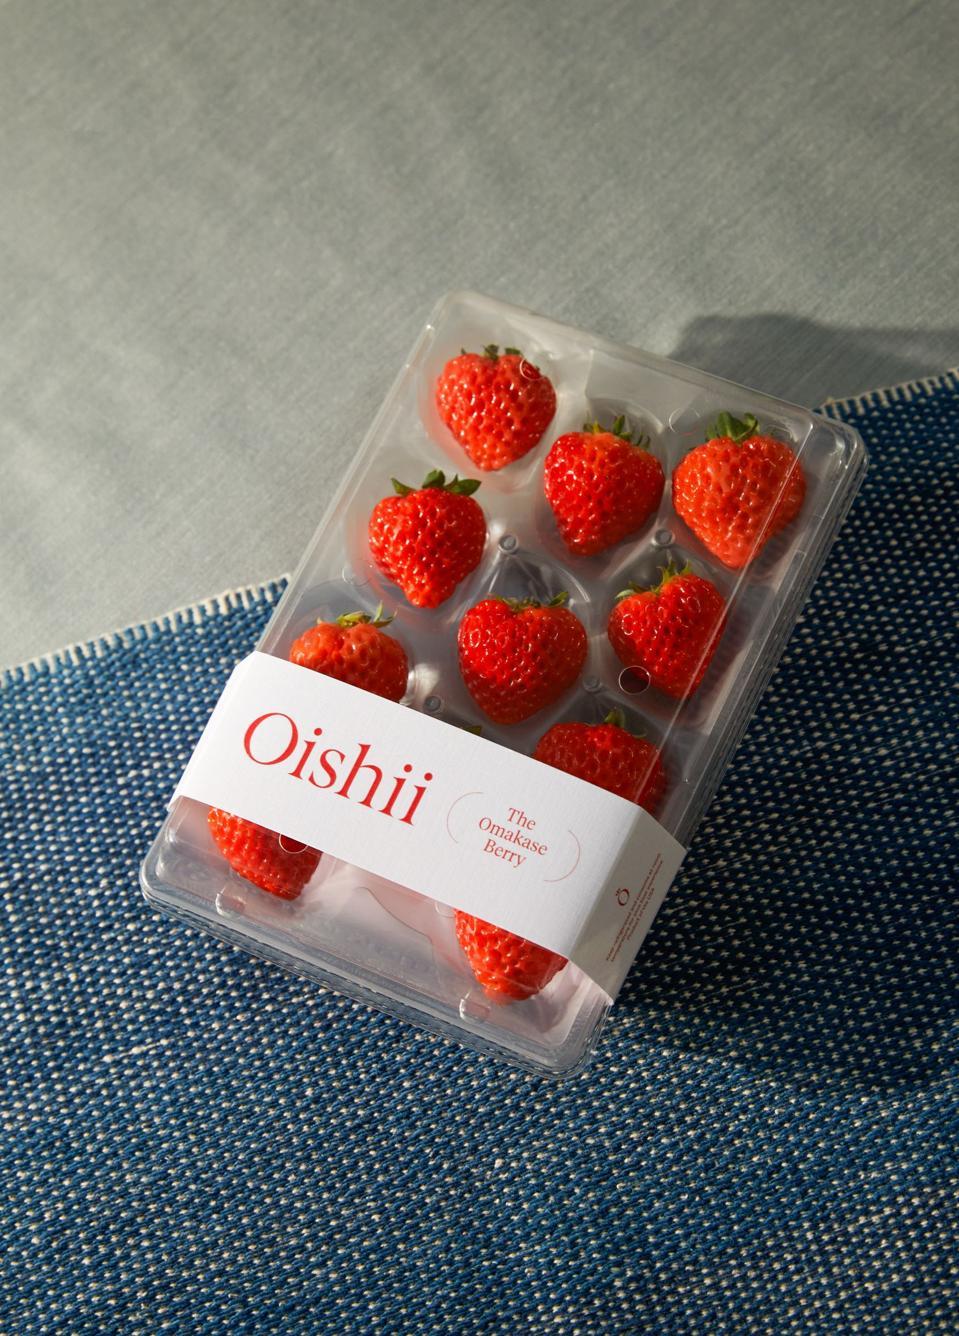 Oishii's Omakase berry